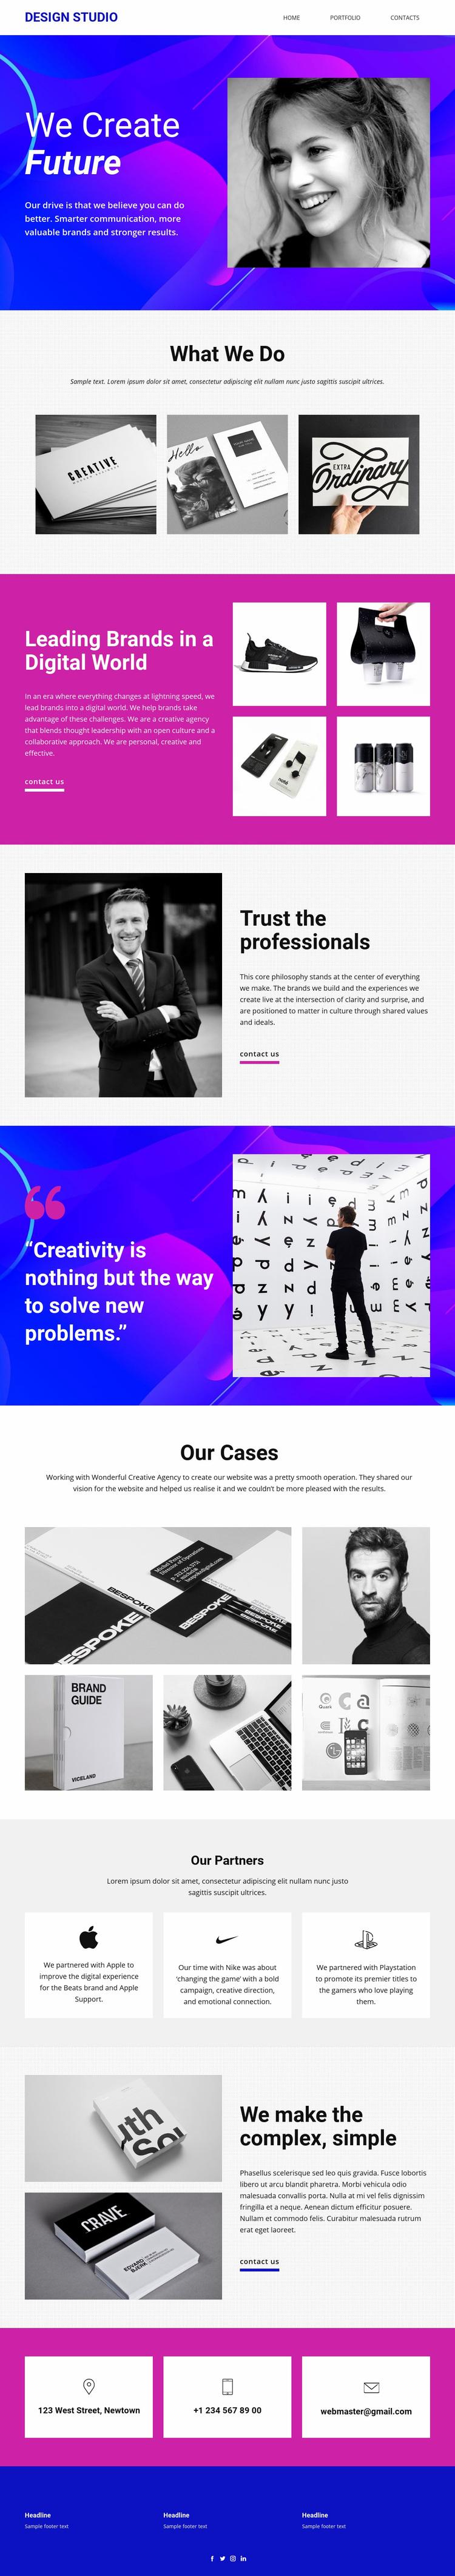 We develop the brand's core Web Page Designer